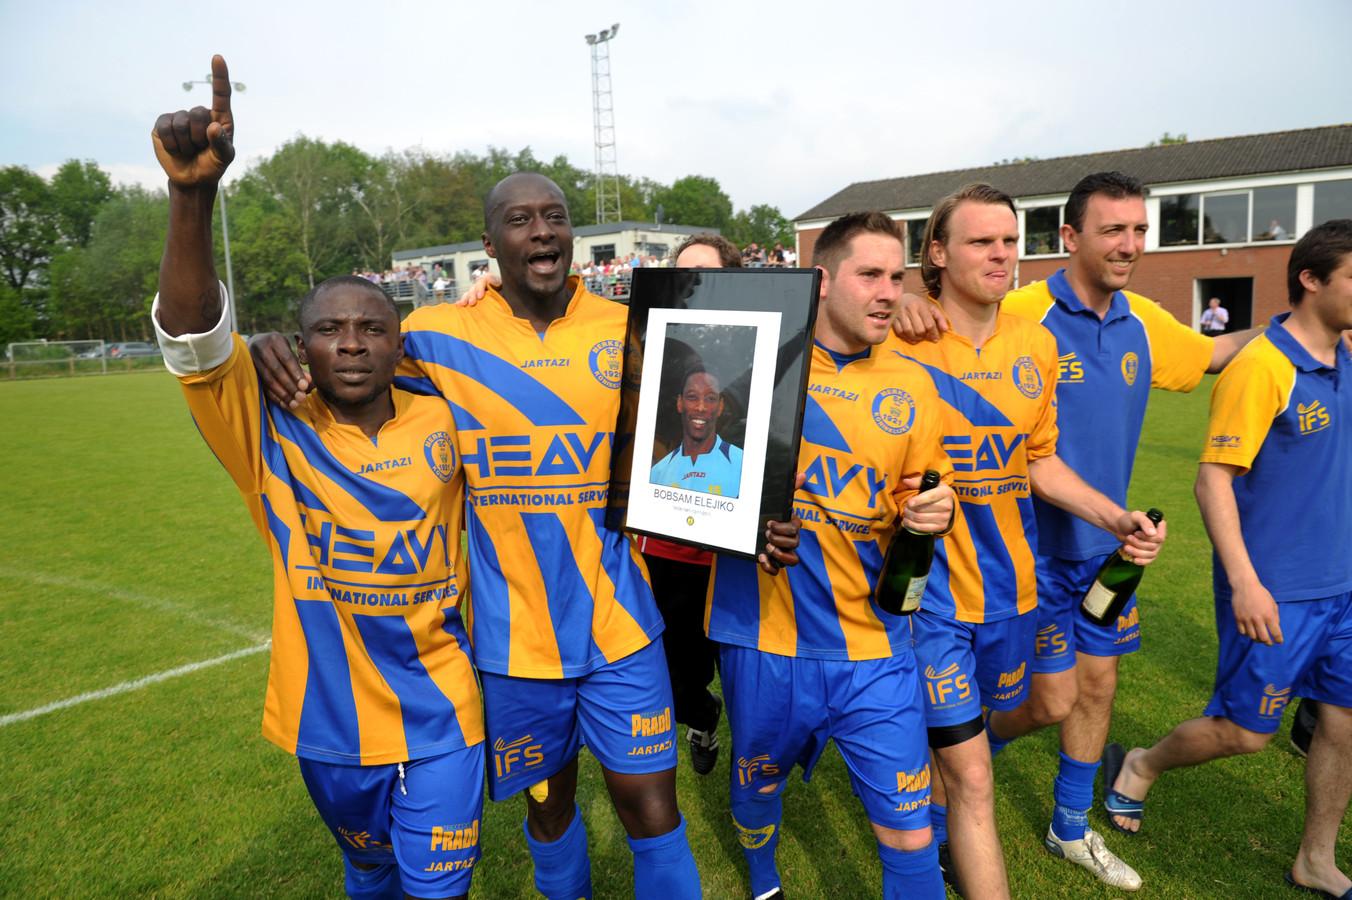 De spelers van Merksem vieren de promotie in 2012, in gezelschap van het portret van de betreurde Bobsam Elejiko.